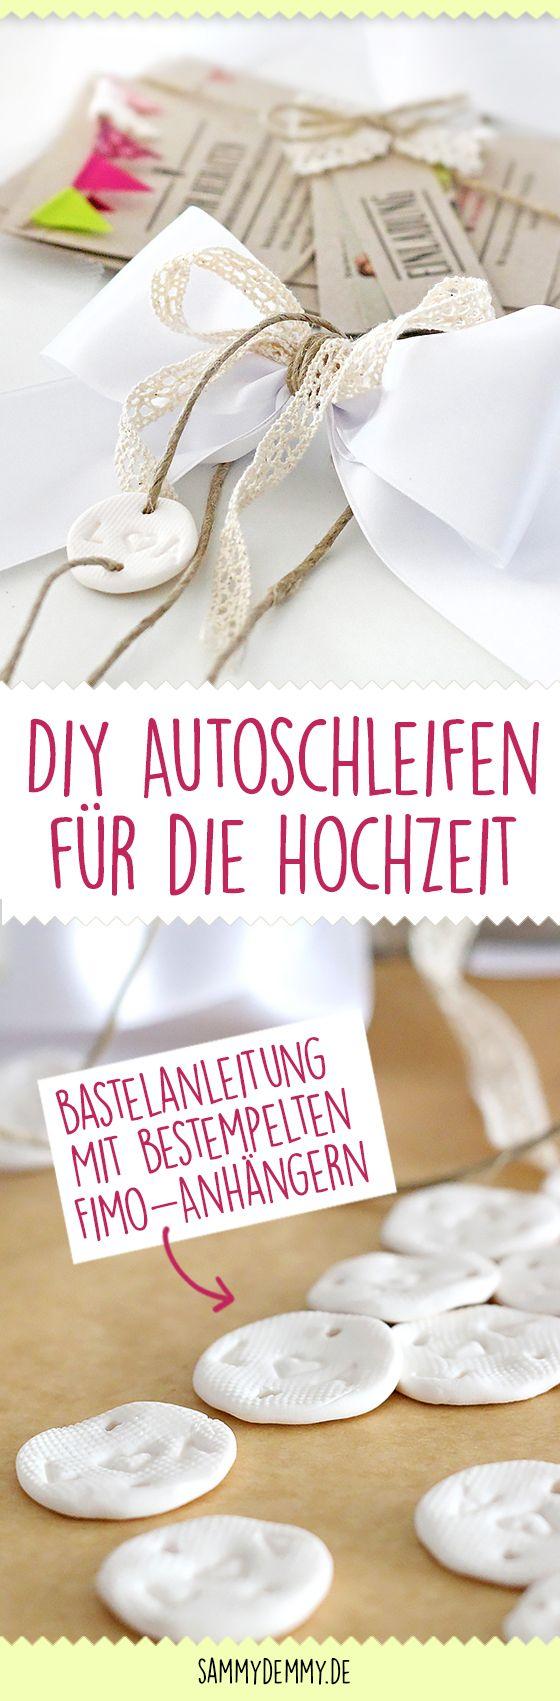 Best 25 autoschleifen ideas on pinterest for Schleife binden geschenk